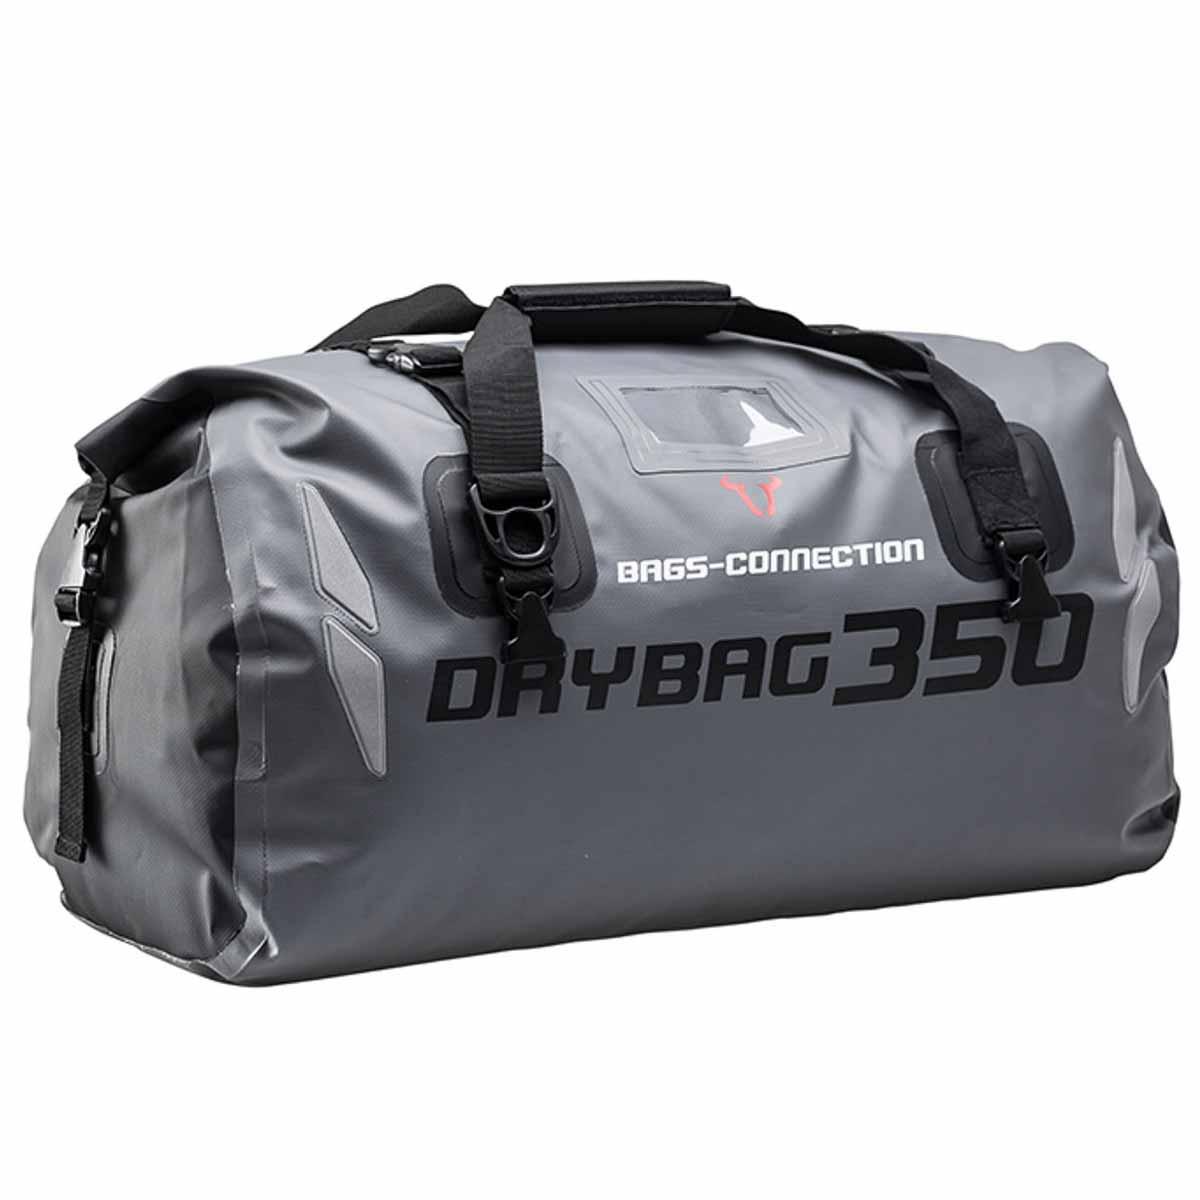 SW_Motech_Drybag_350_1